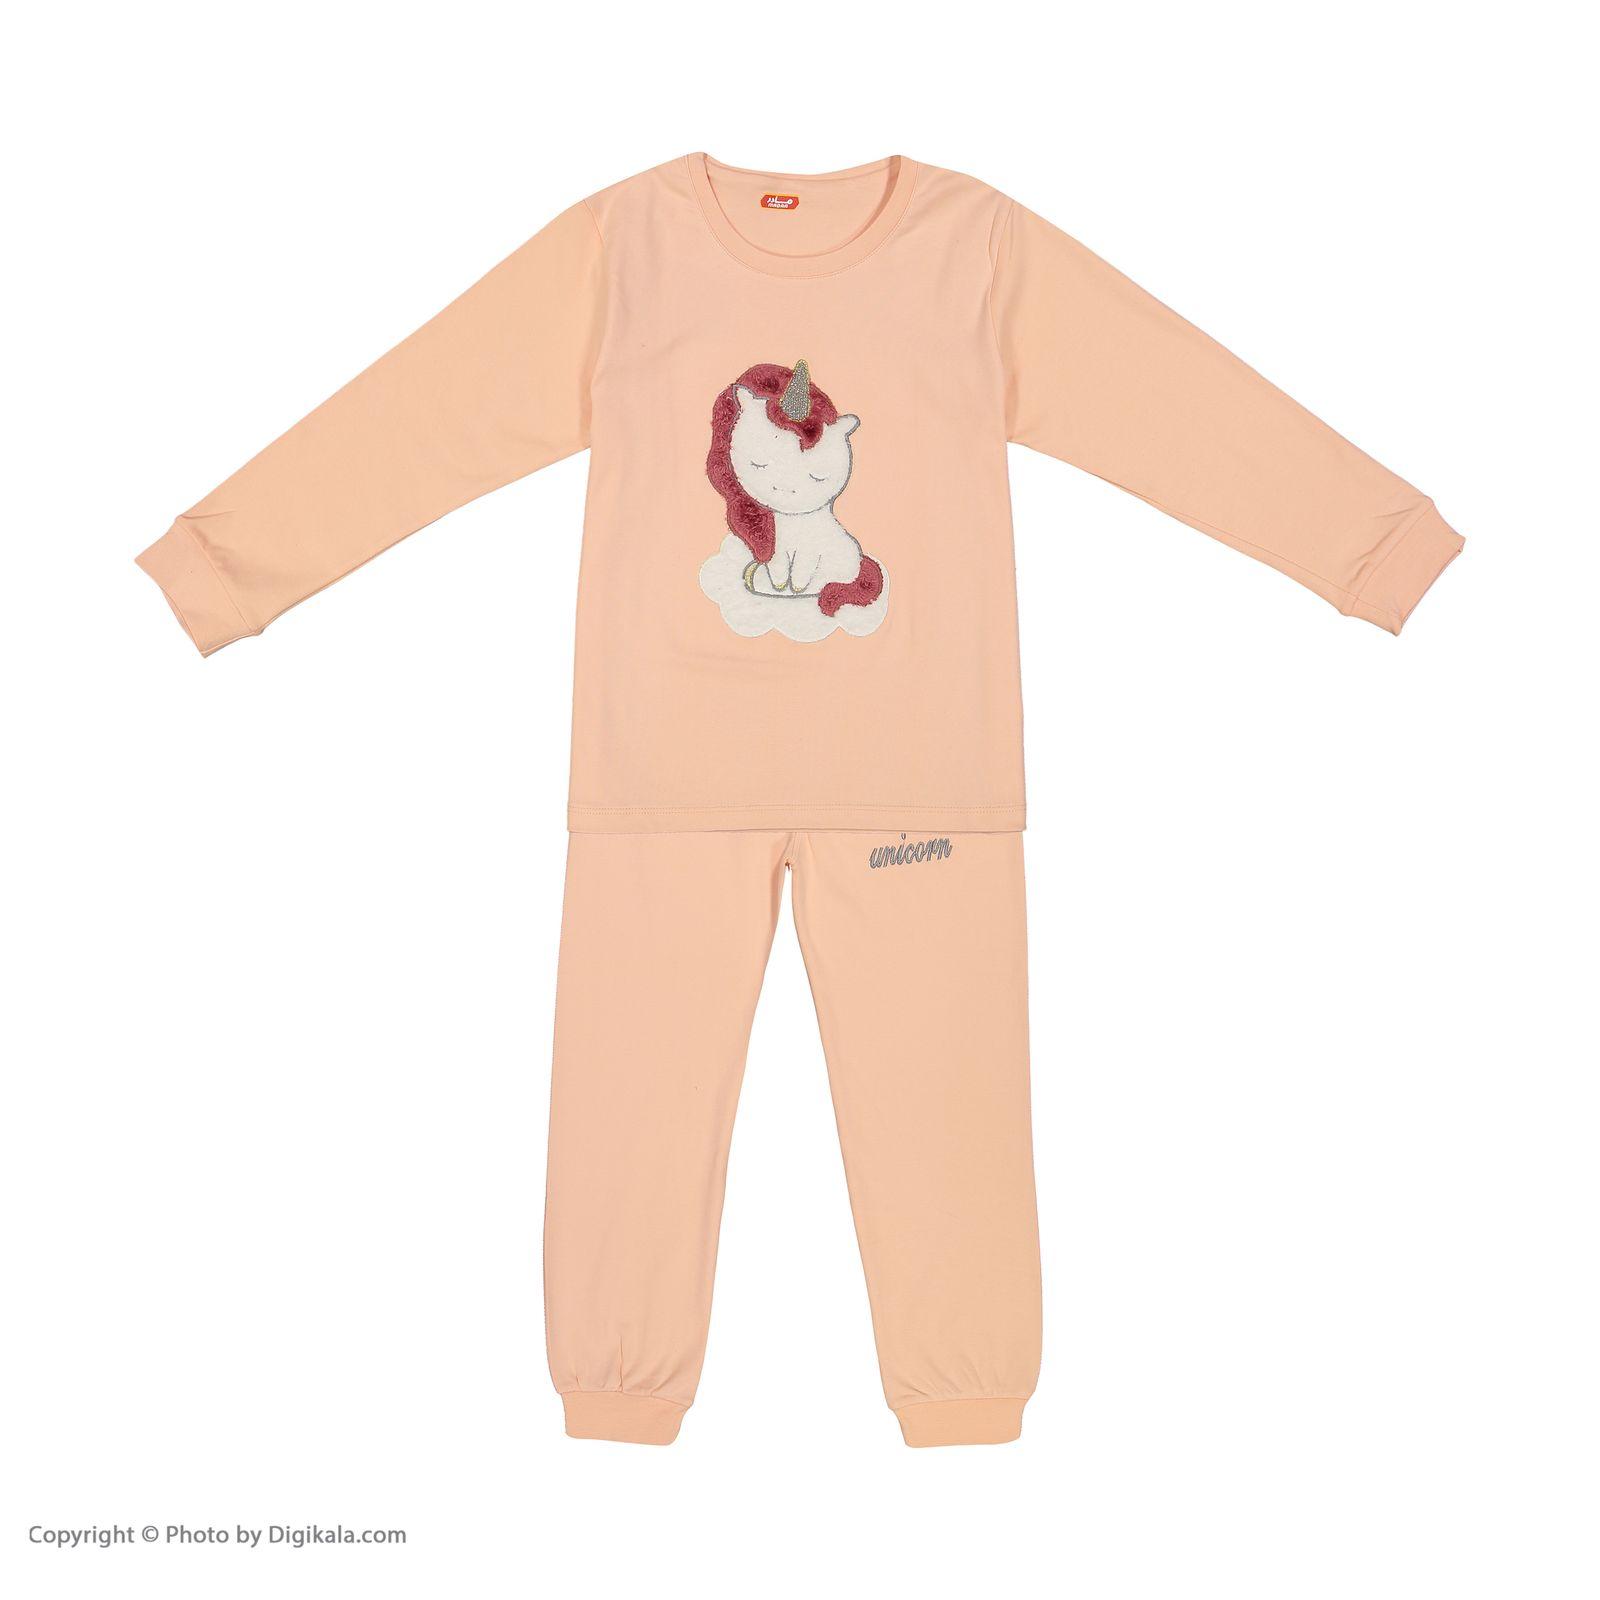 ست تی شرت و شلوار دخترانه مادر مدل 303-80 main 1 1